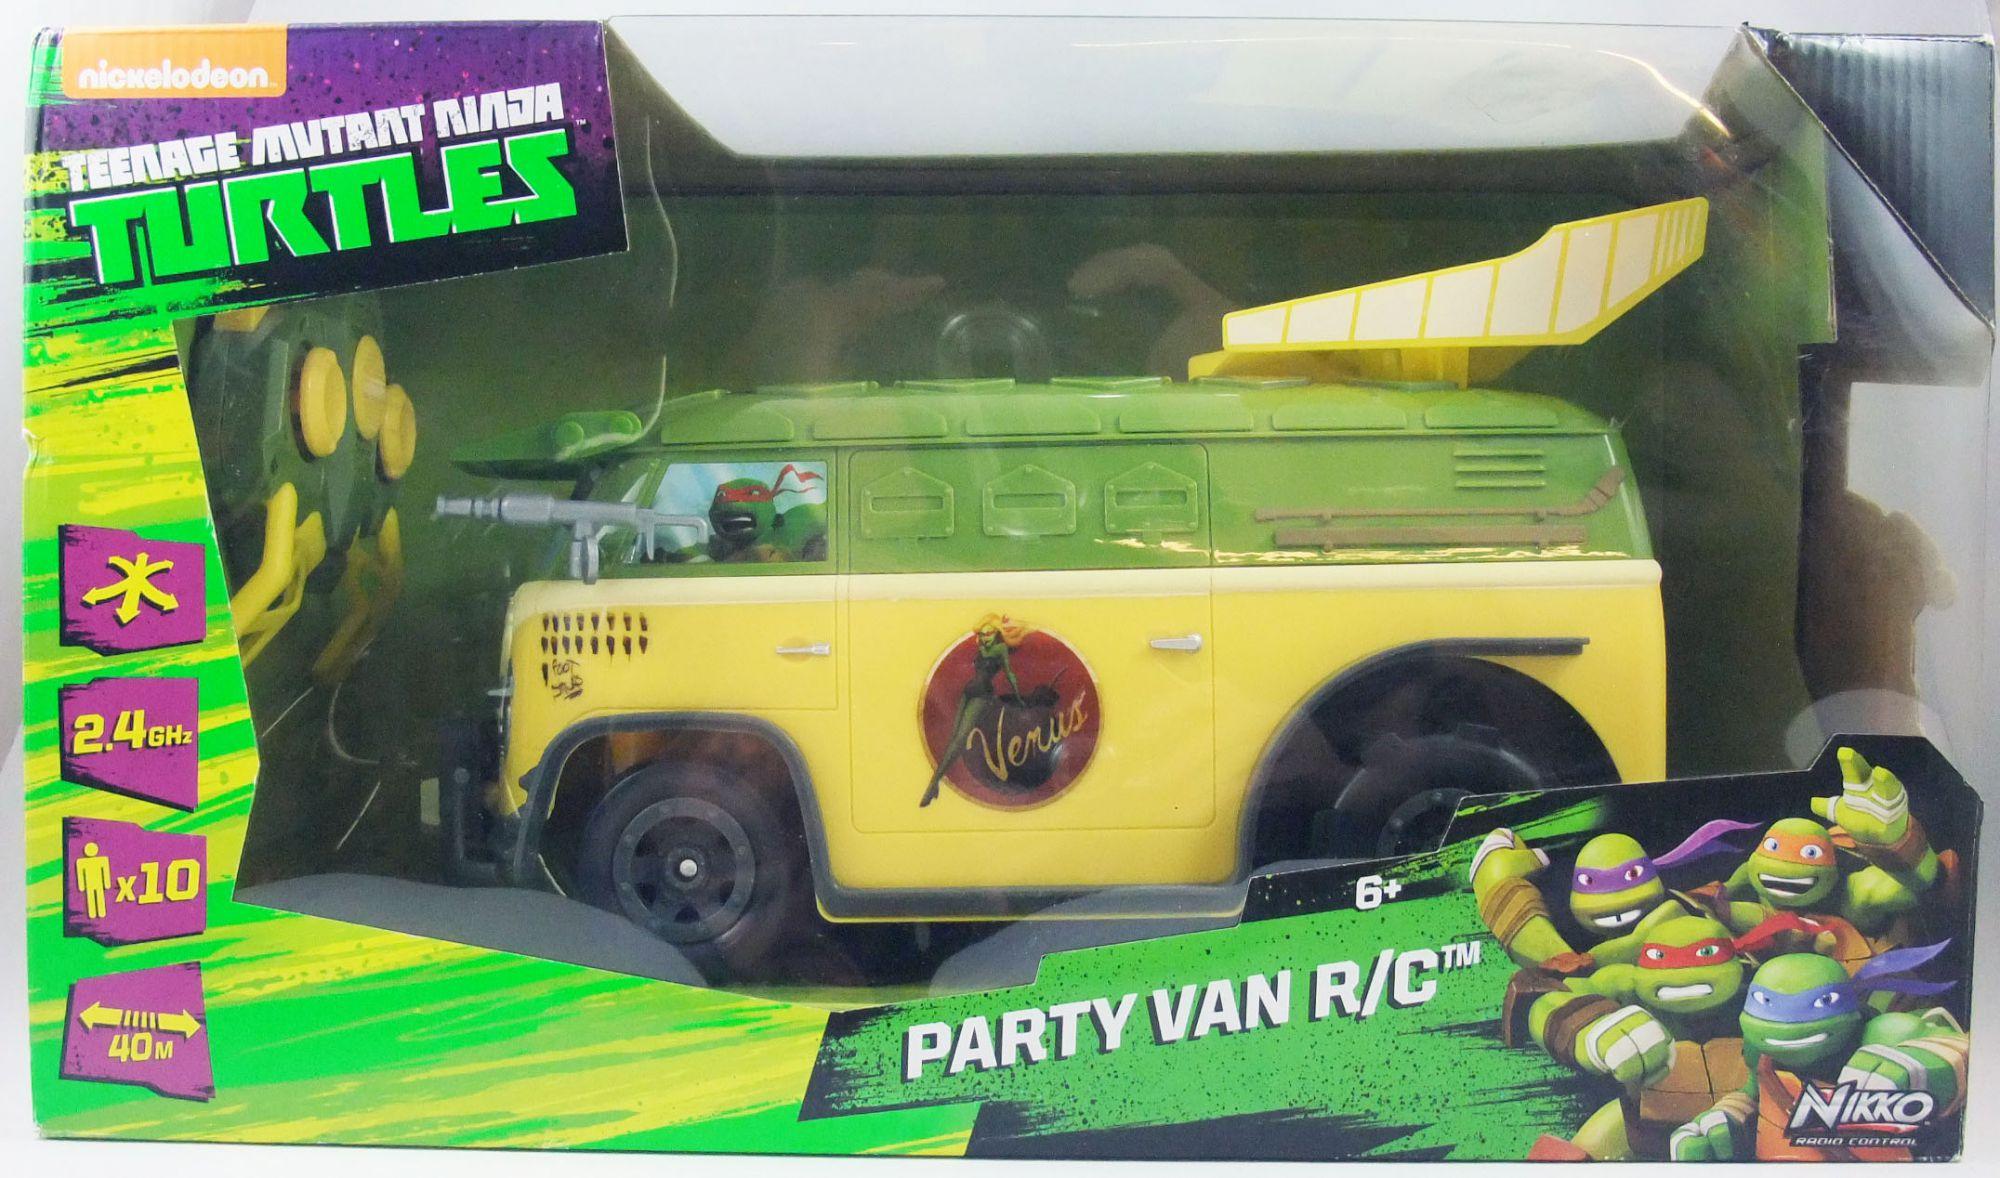 TMNT Tortues Ninja (Nickelodeon 2012) - Party Van R/C